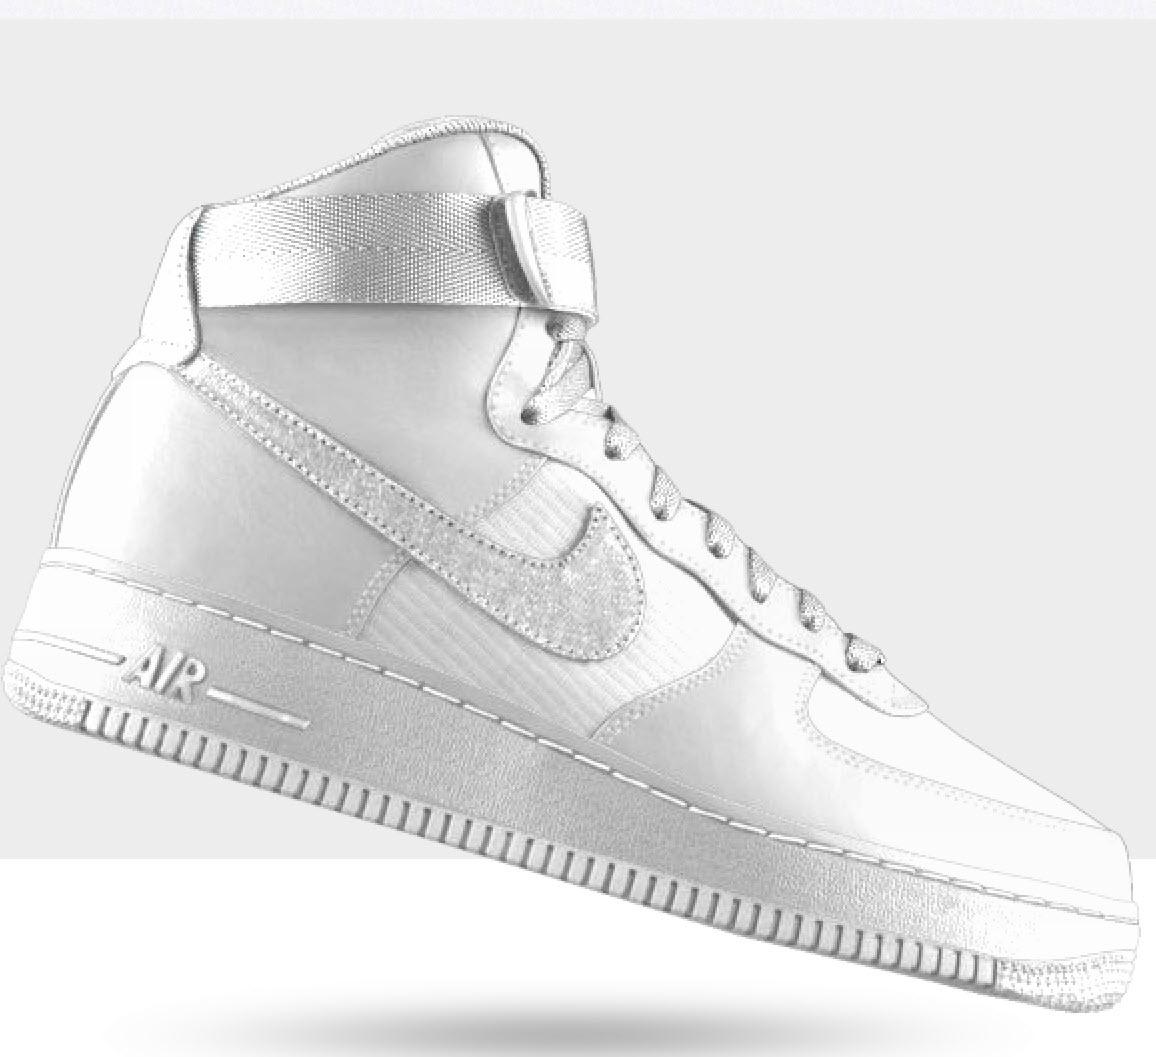 Nike sneakers vector